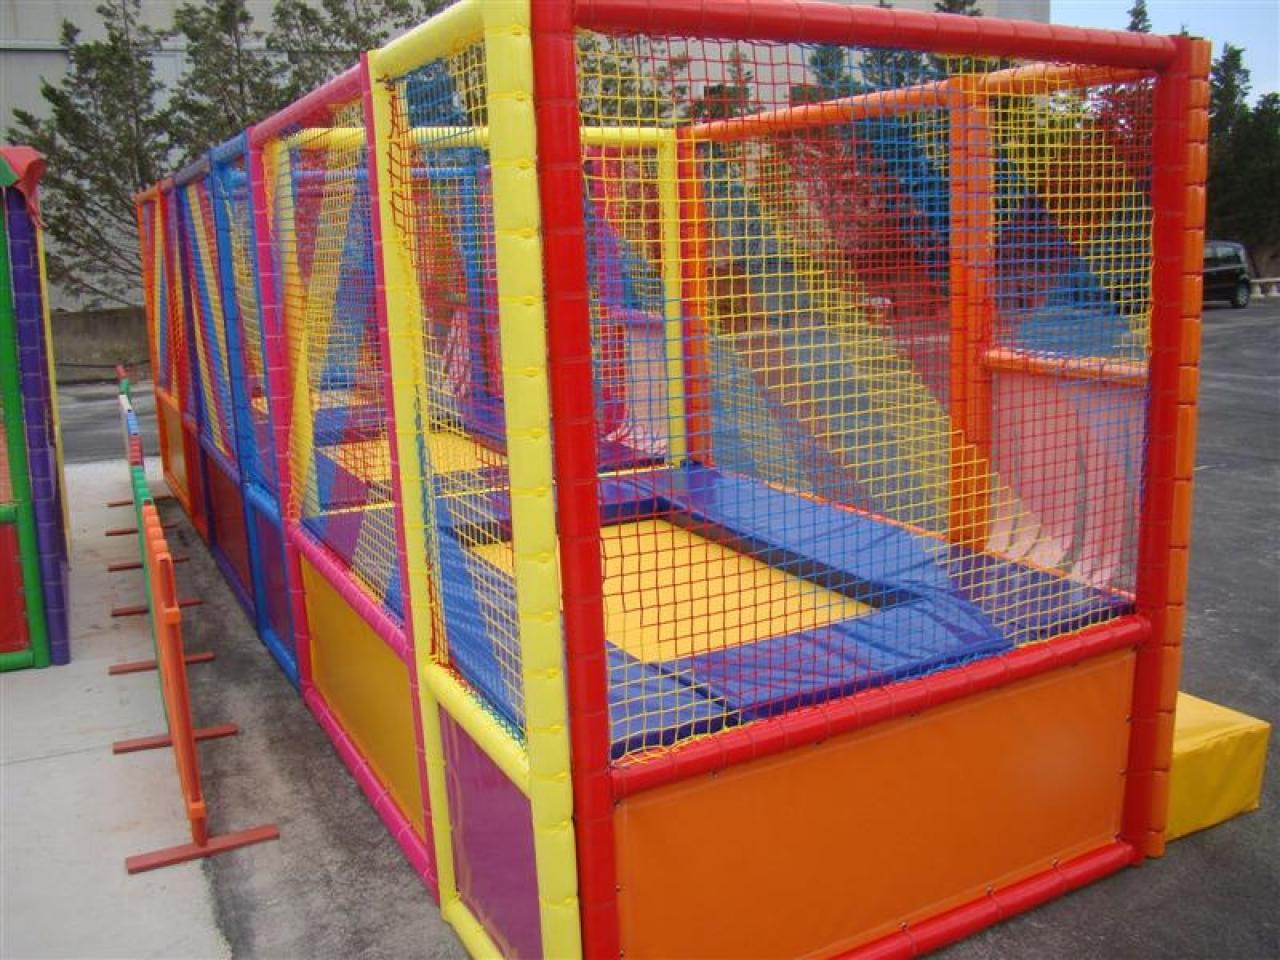 Reti di recinzione per playground e tappeti elastici